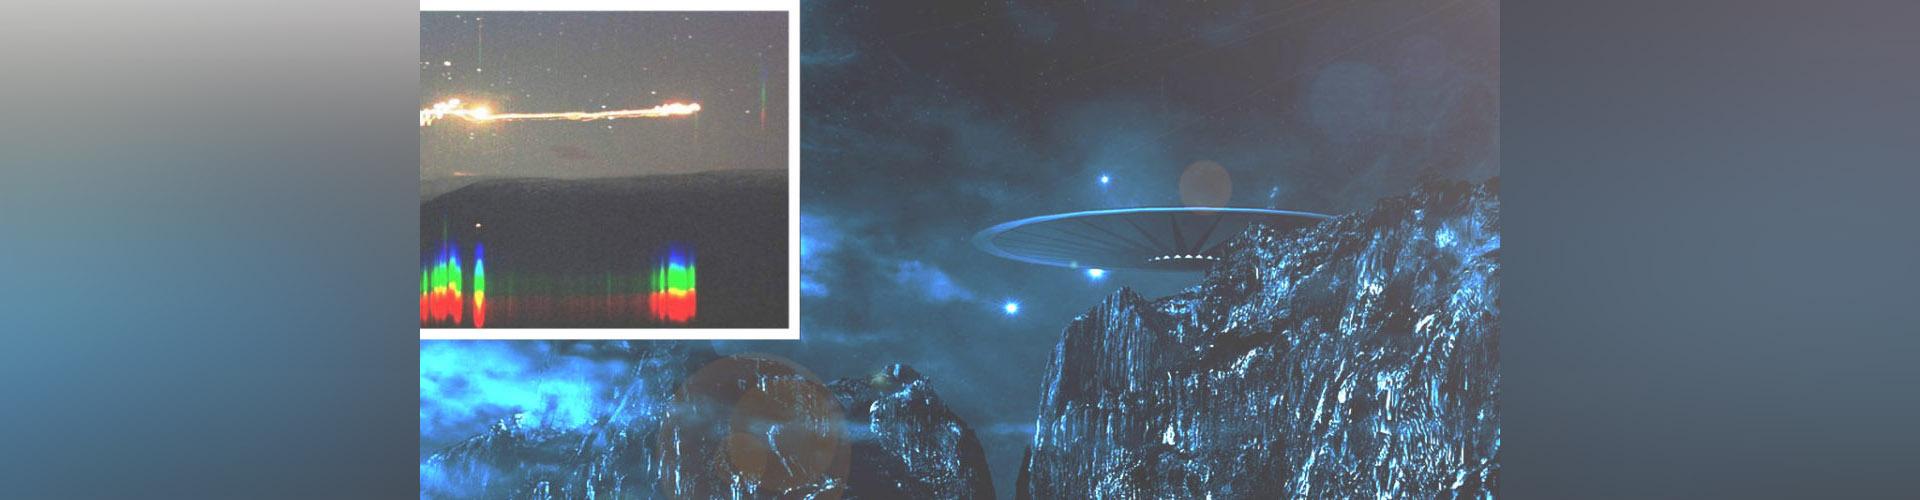 (VIDEO)  Hessdalen: Alta actividad OVNI y posible base alienígena en Noruega